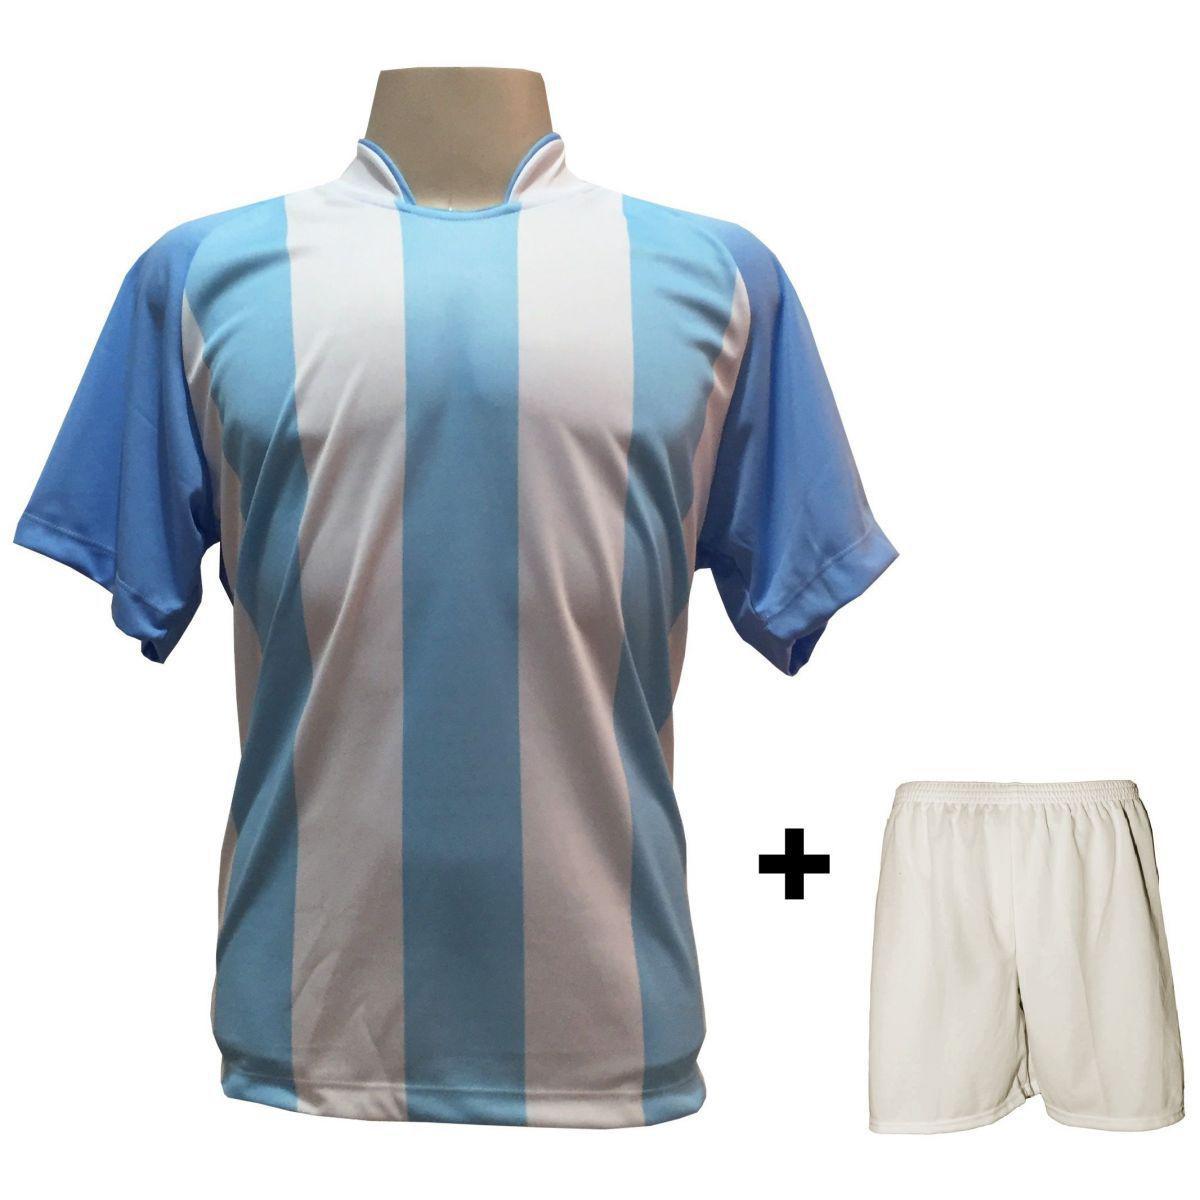 Uniforme Esportivo com 20 camisas modelo Milan Celeste Branco + 20 calções  modelo Madrid + 1 Goleiro + Brindes - Play fair - Futebol - Magazine Luiza b19d3e7b76602